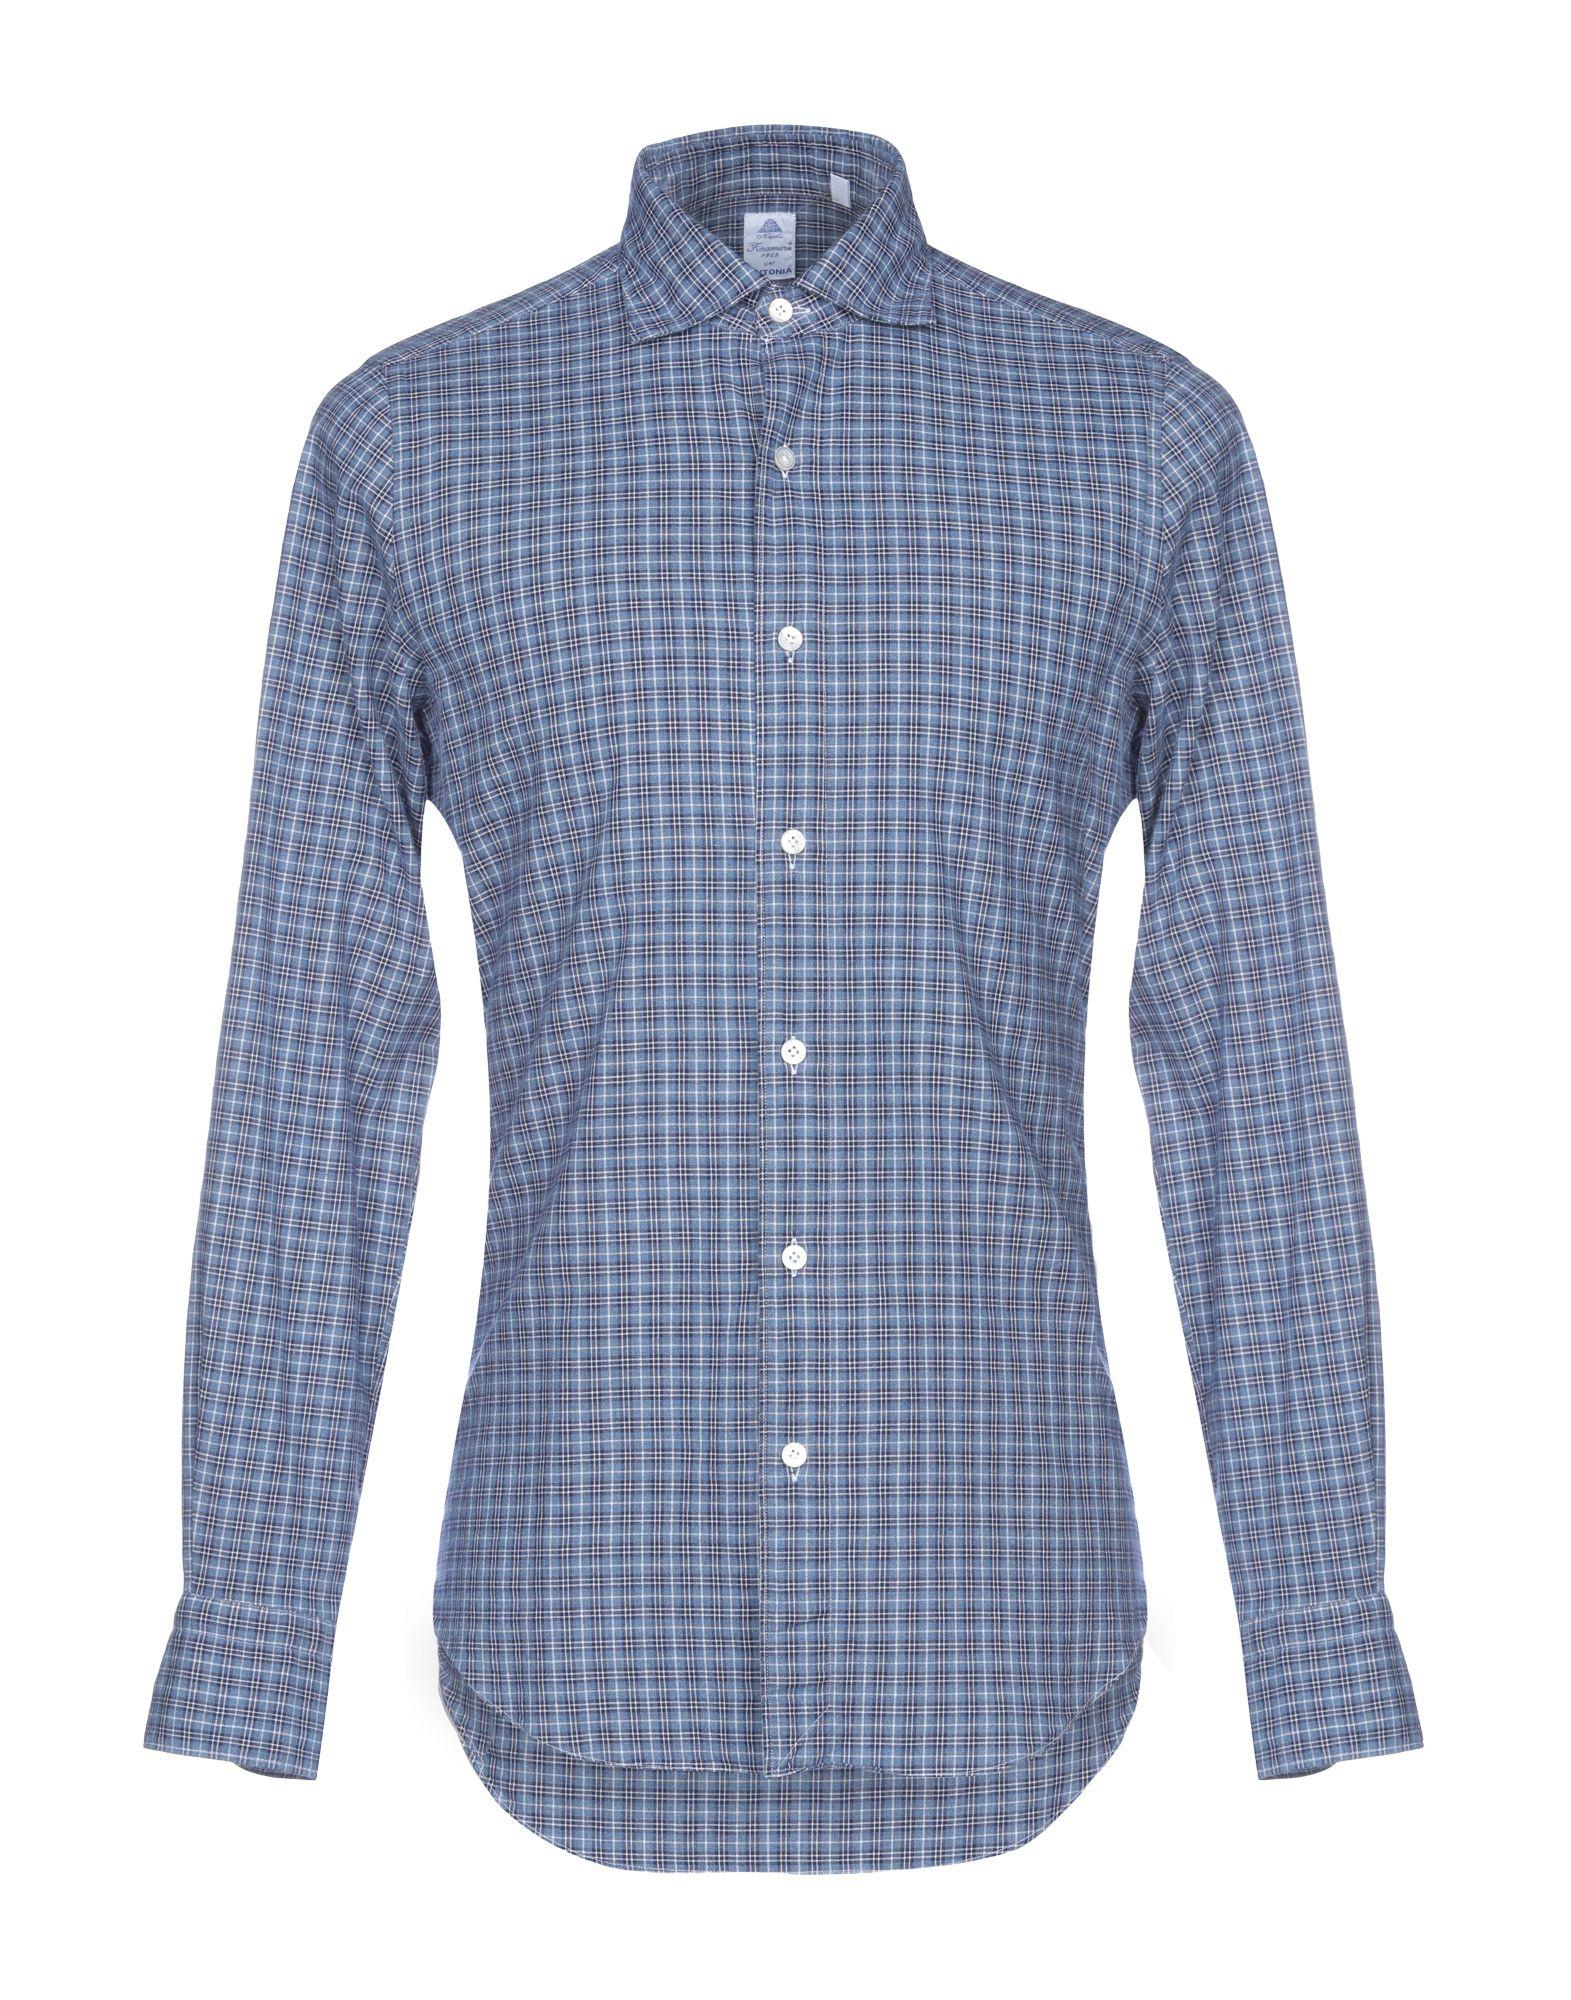 《送料無料》FINAMORE 1925 メンズ シャツ ブルーグレー 38 コットン 100%